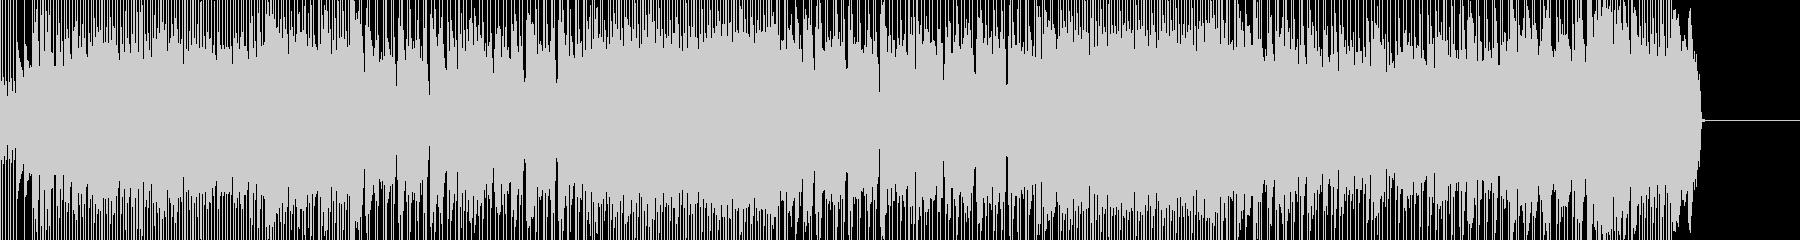 ノリのいいシャッフルロックの未再生の波形